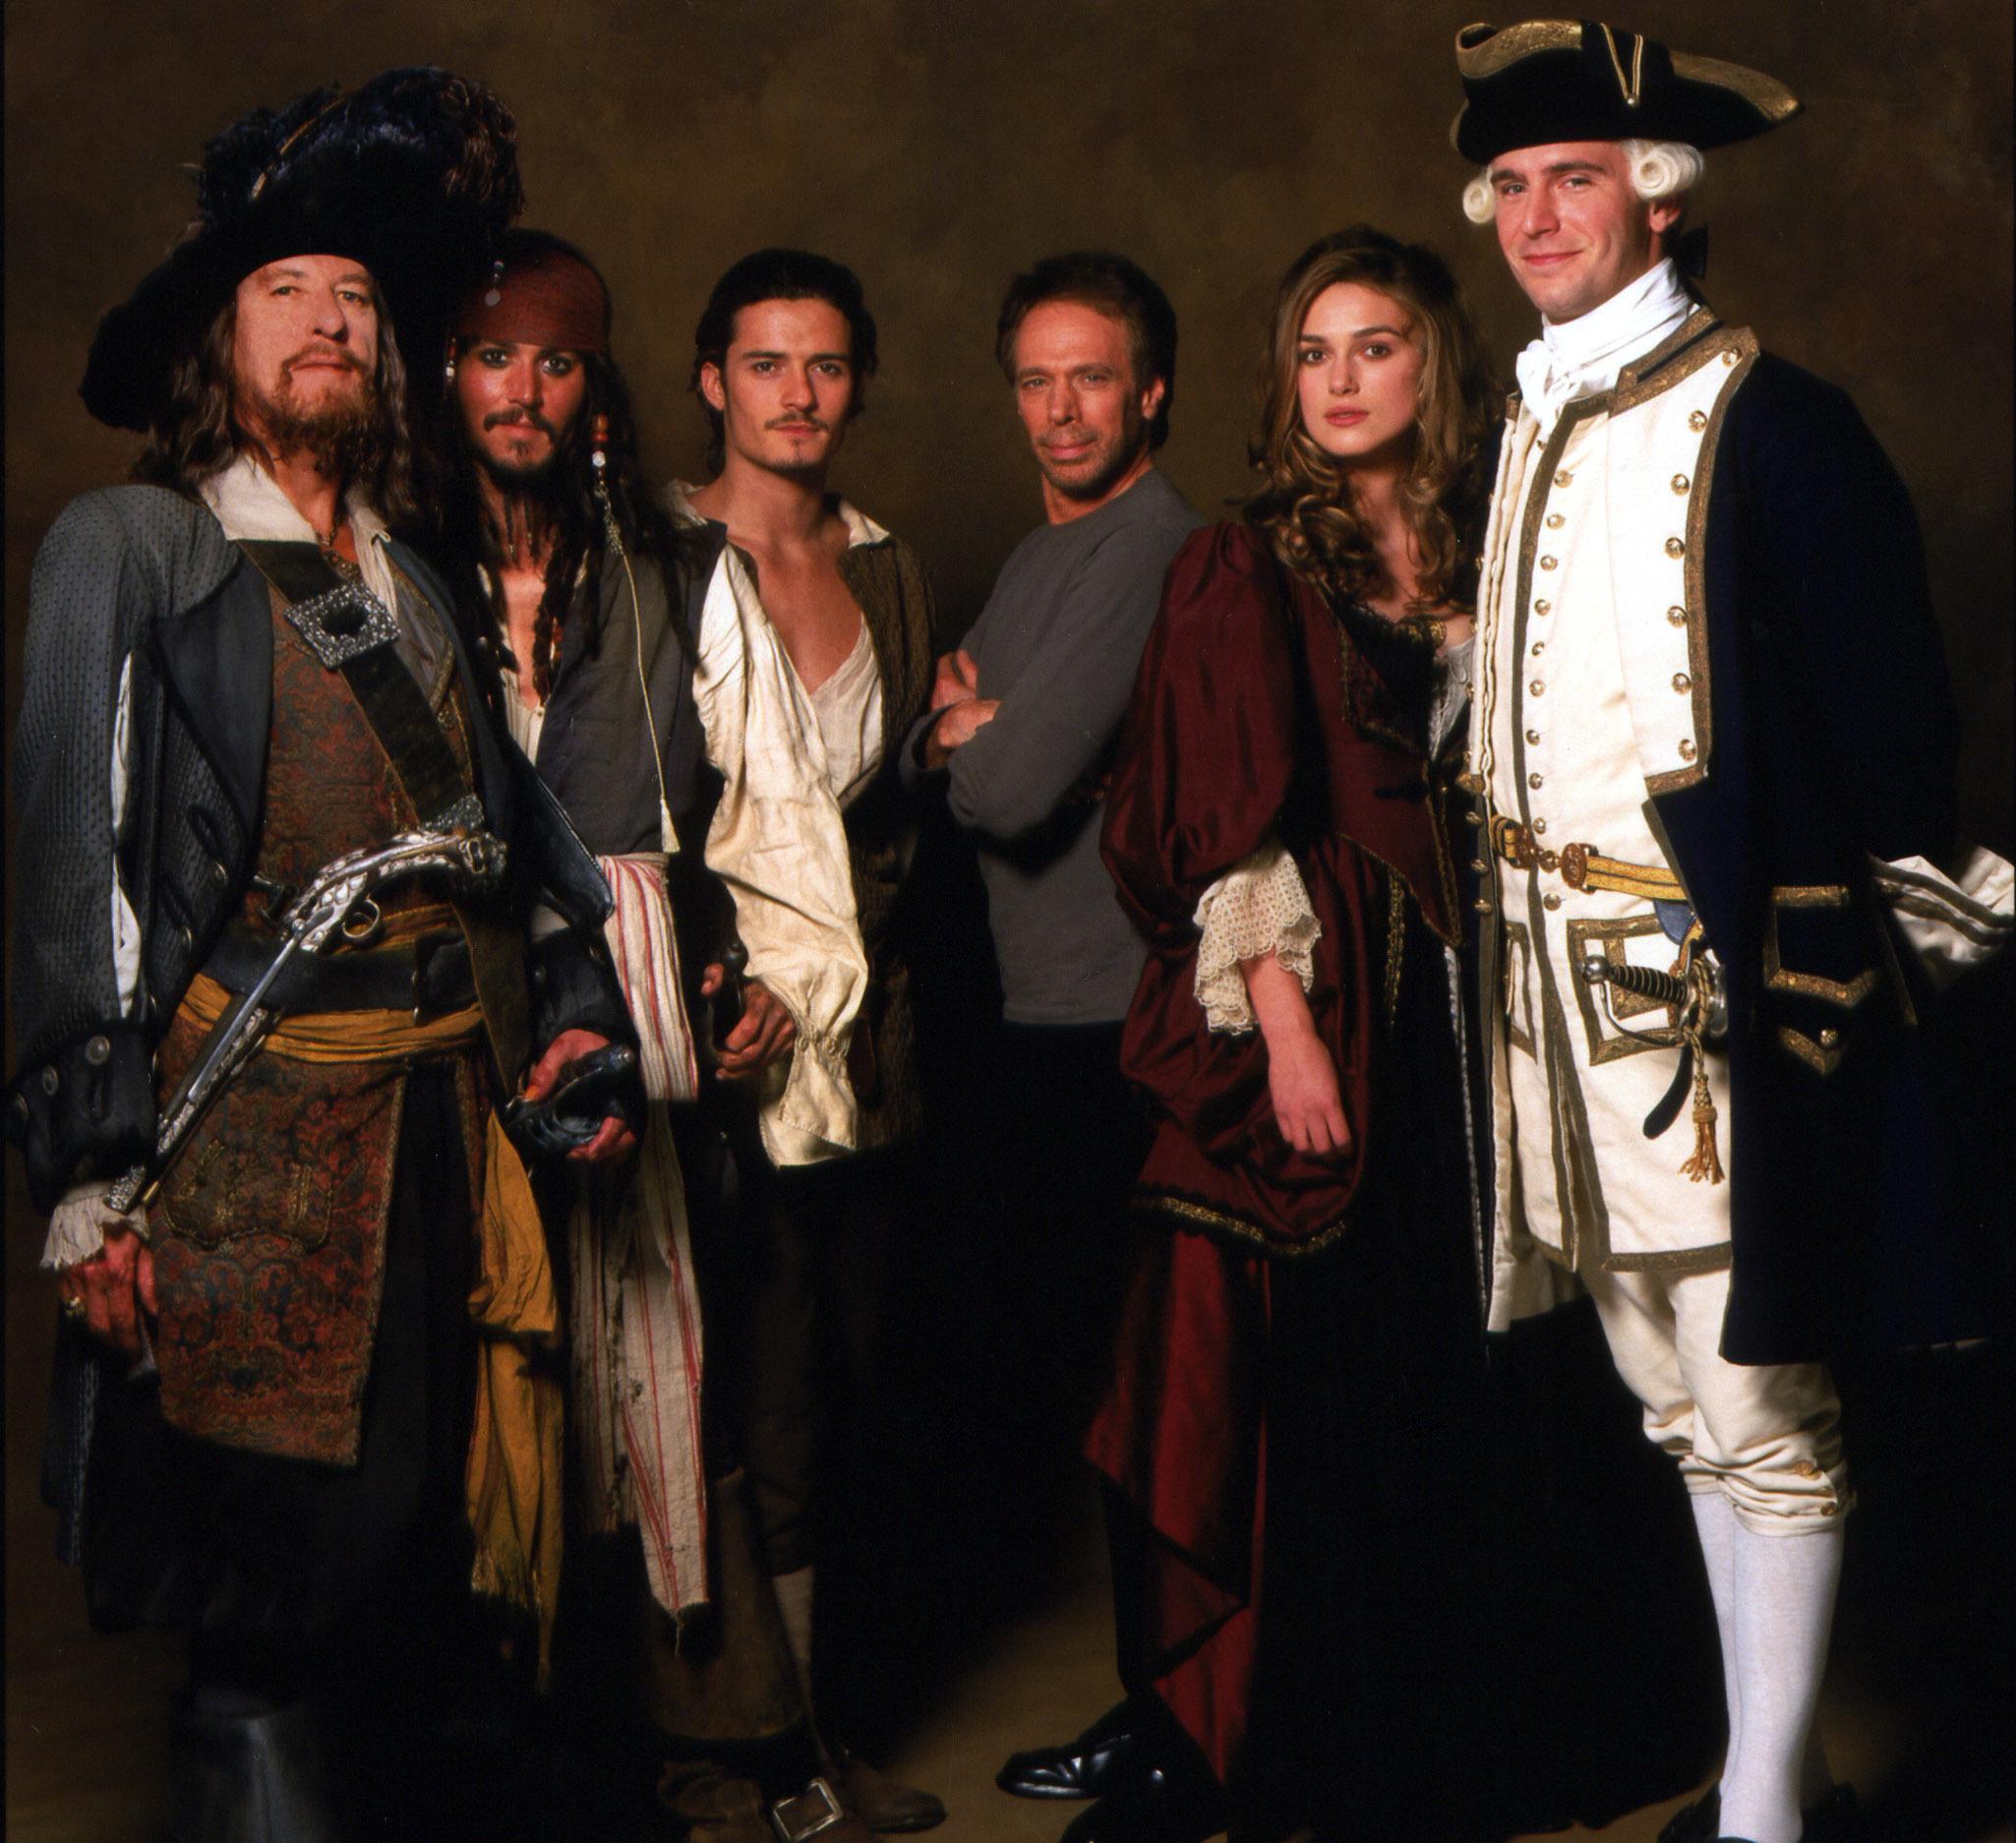 A quoi voulez-vous jouer ? Pirates-of-the-Caribbean-pirates-of-the-caribbean-1727862-2050-1874